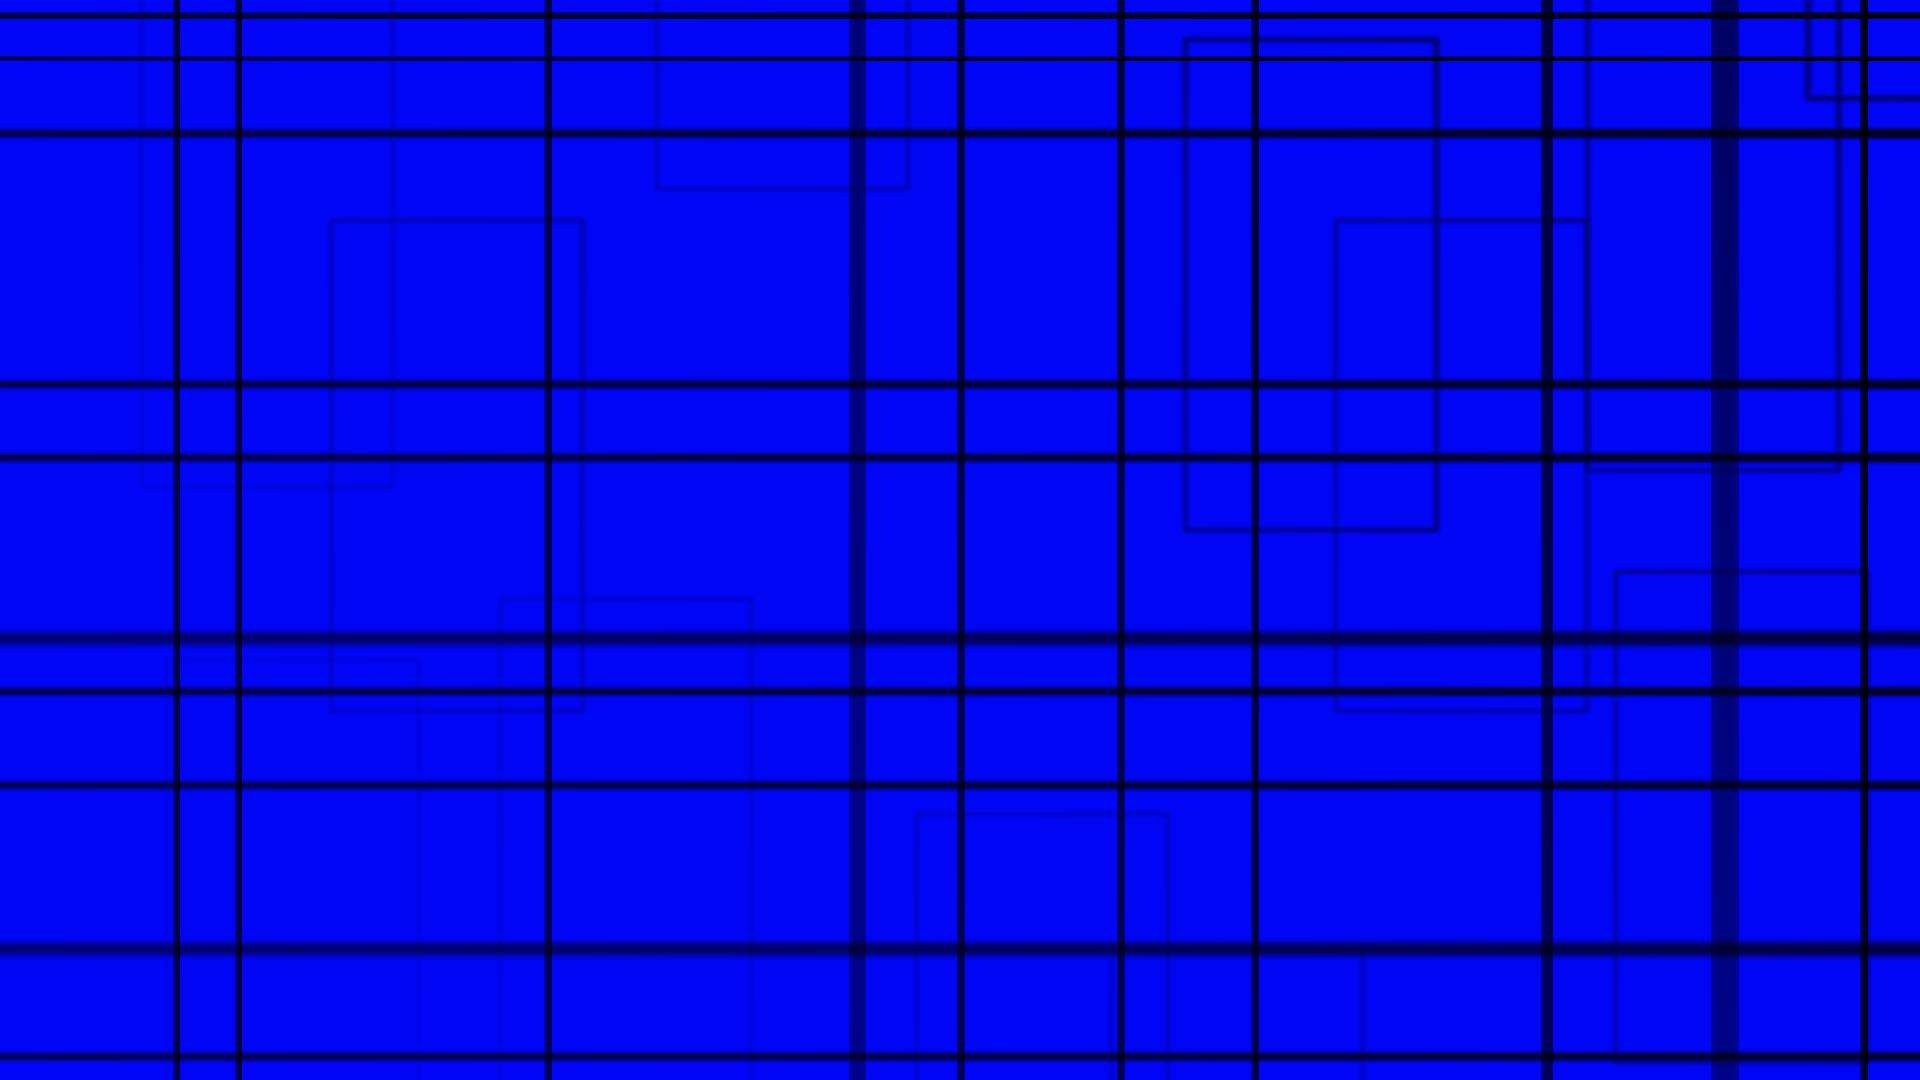 Set blue as HTML background image